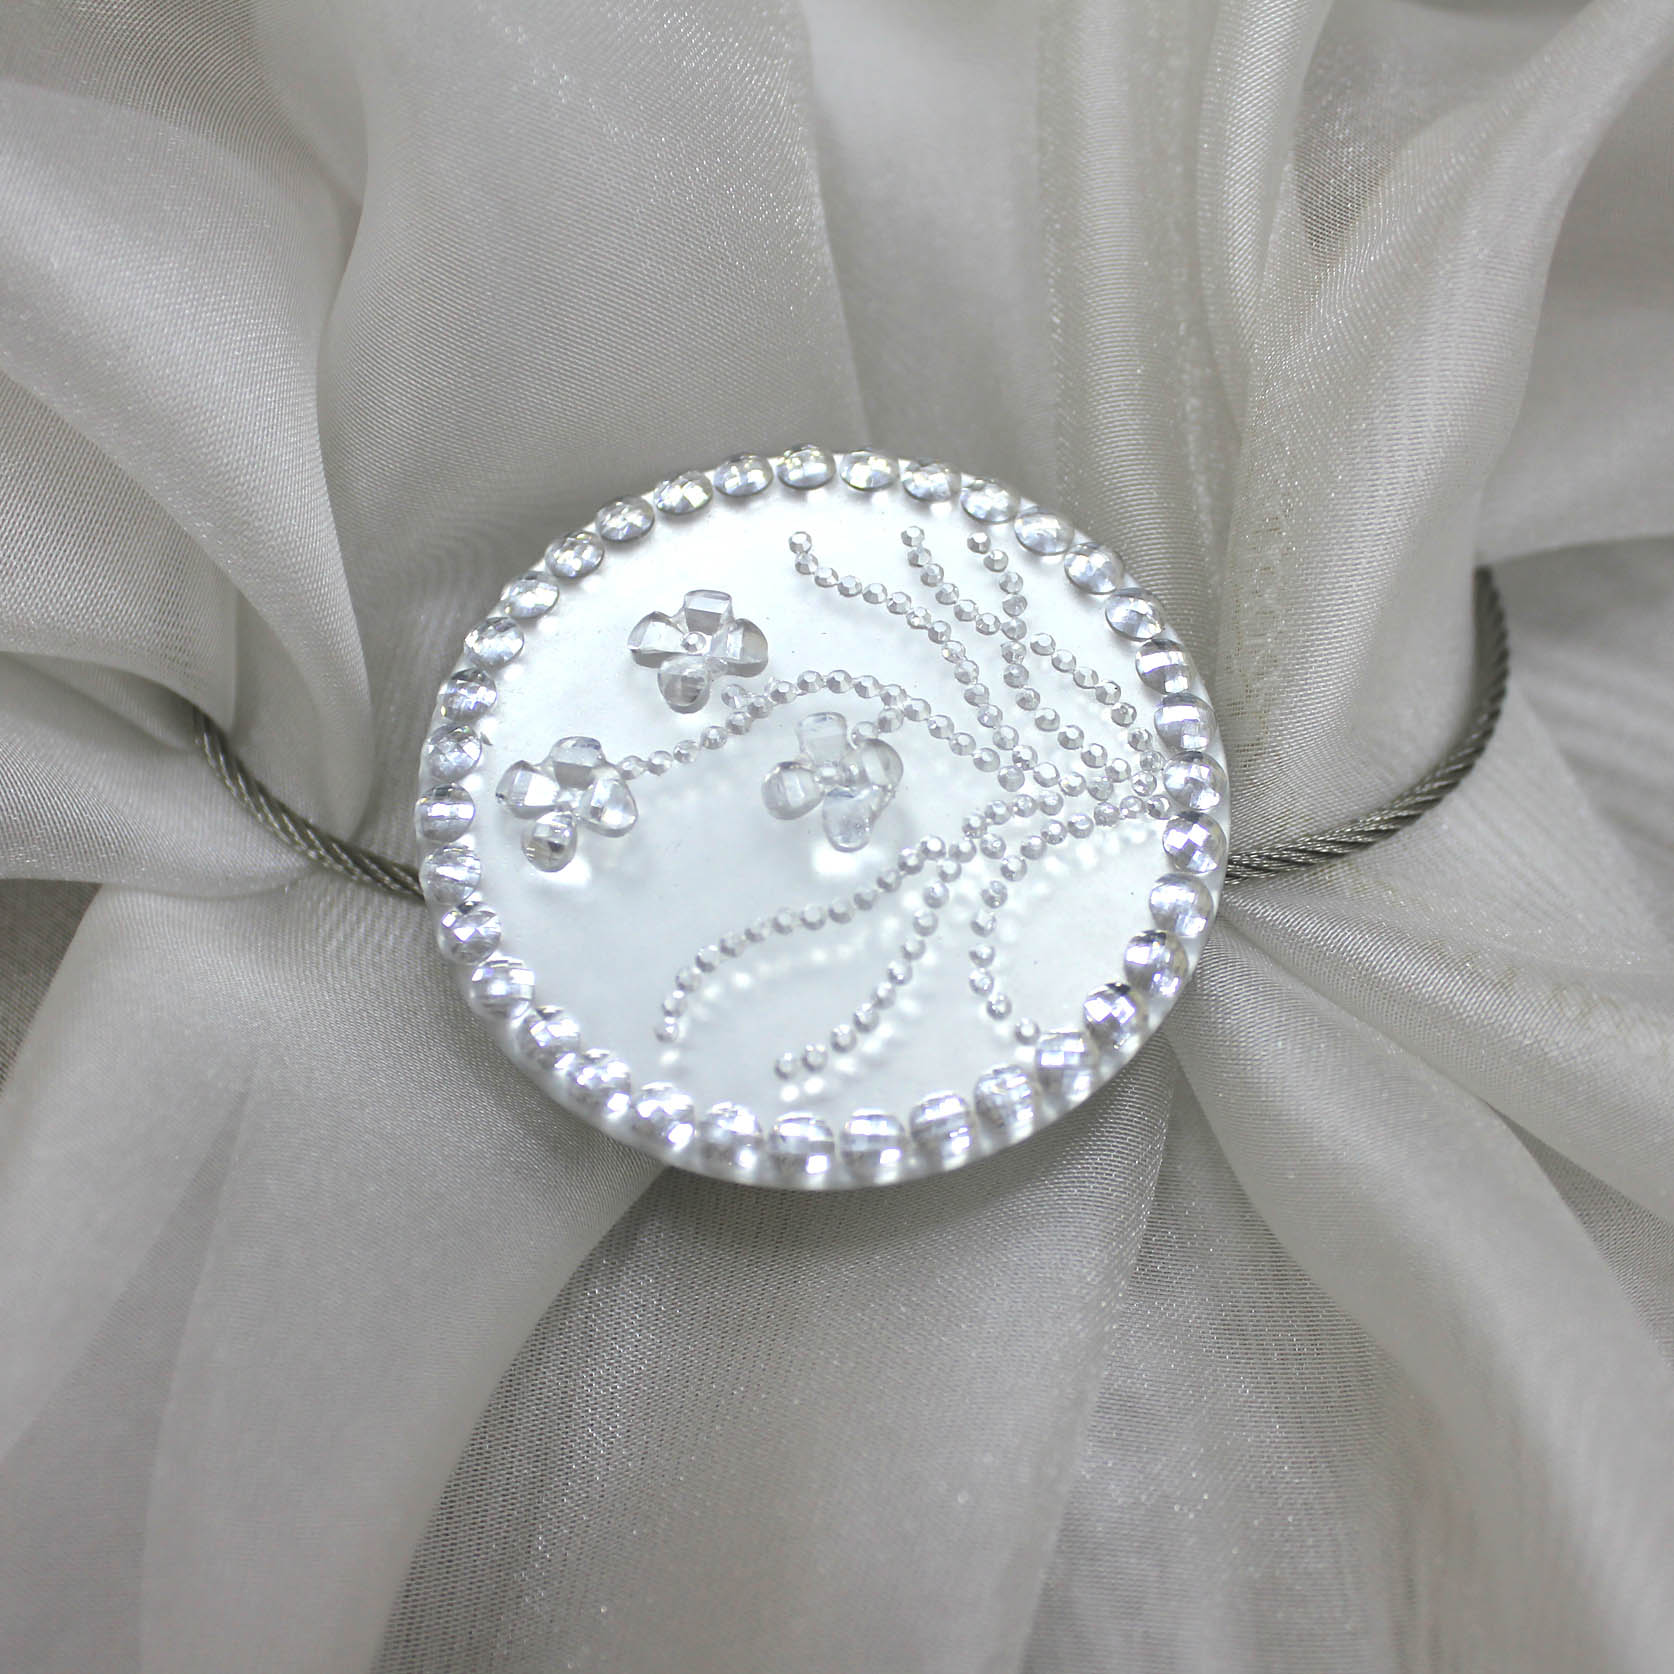 Карнизы и аксессуары для штор Ajur Подхват для штор магнитный Ammon Цвет: Белый карнизы и аксессуары для штор ajur подхват для штор магнитный abott цвет белый